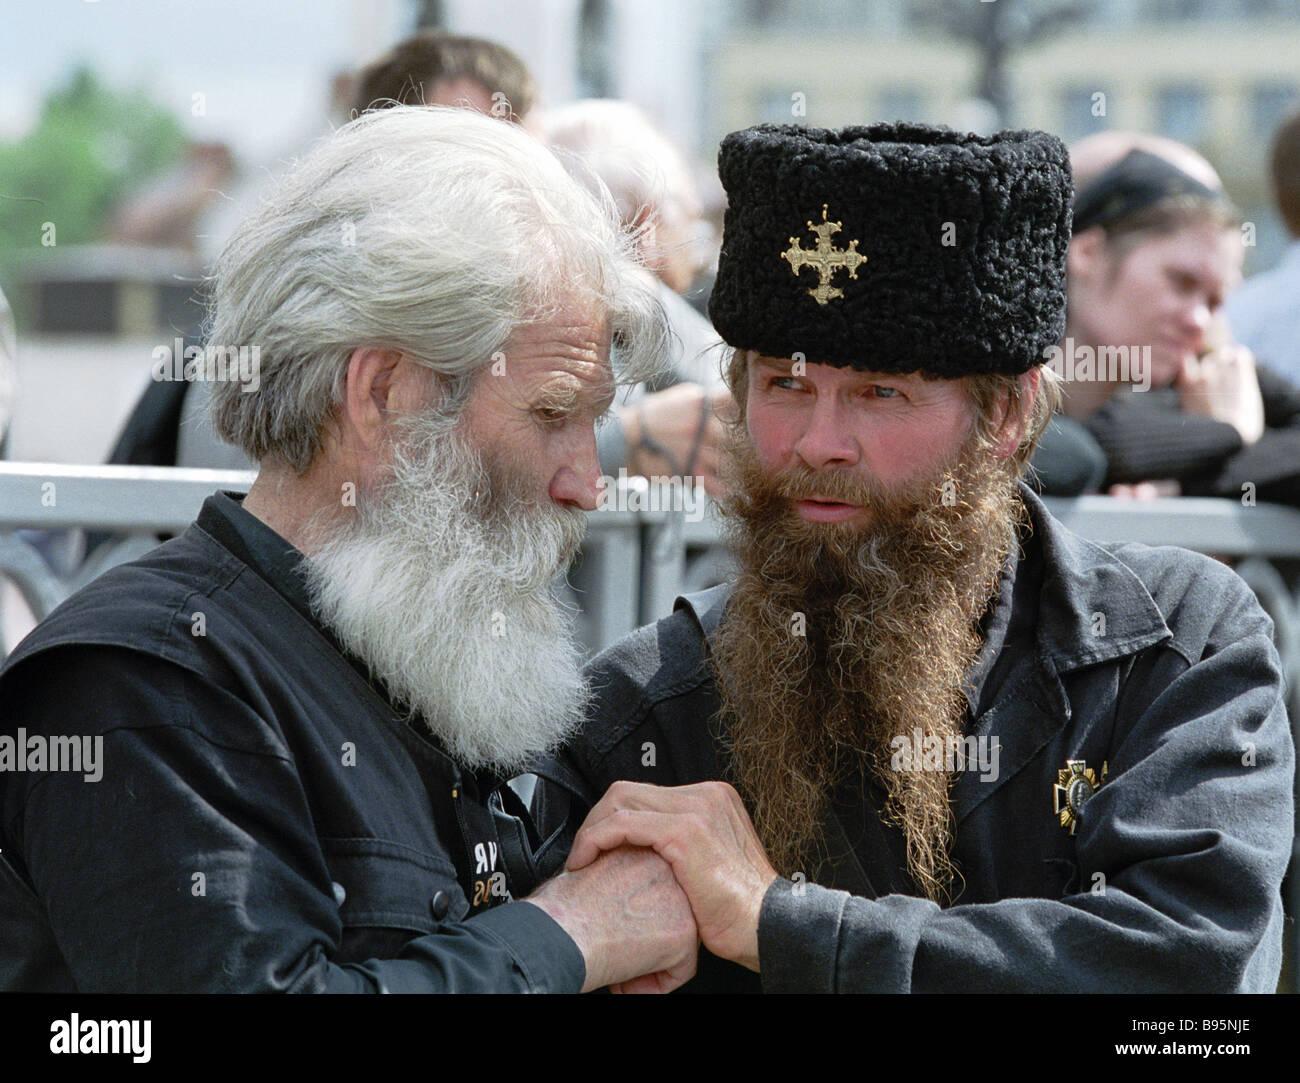 Les participants en procession avec la croix sur l'anniversaire de l'assassinat de l'empereur russe Nicolas II et Banque D'Images